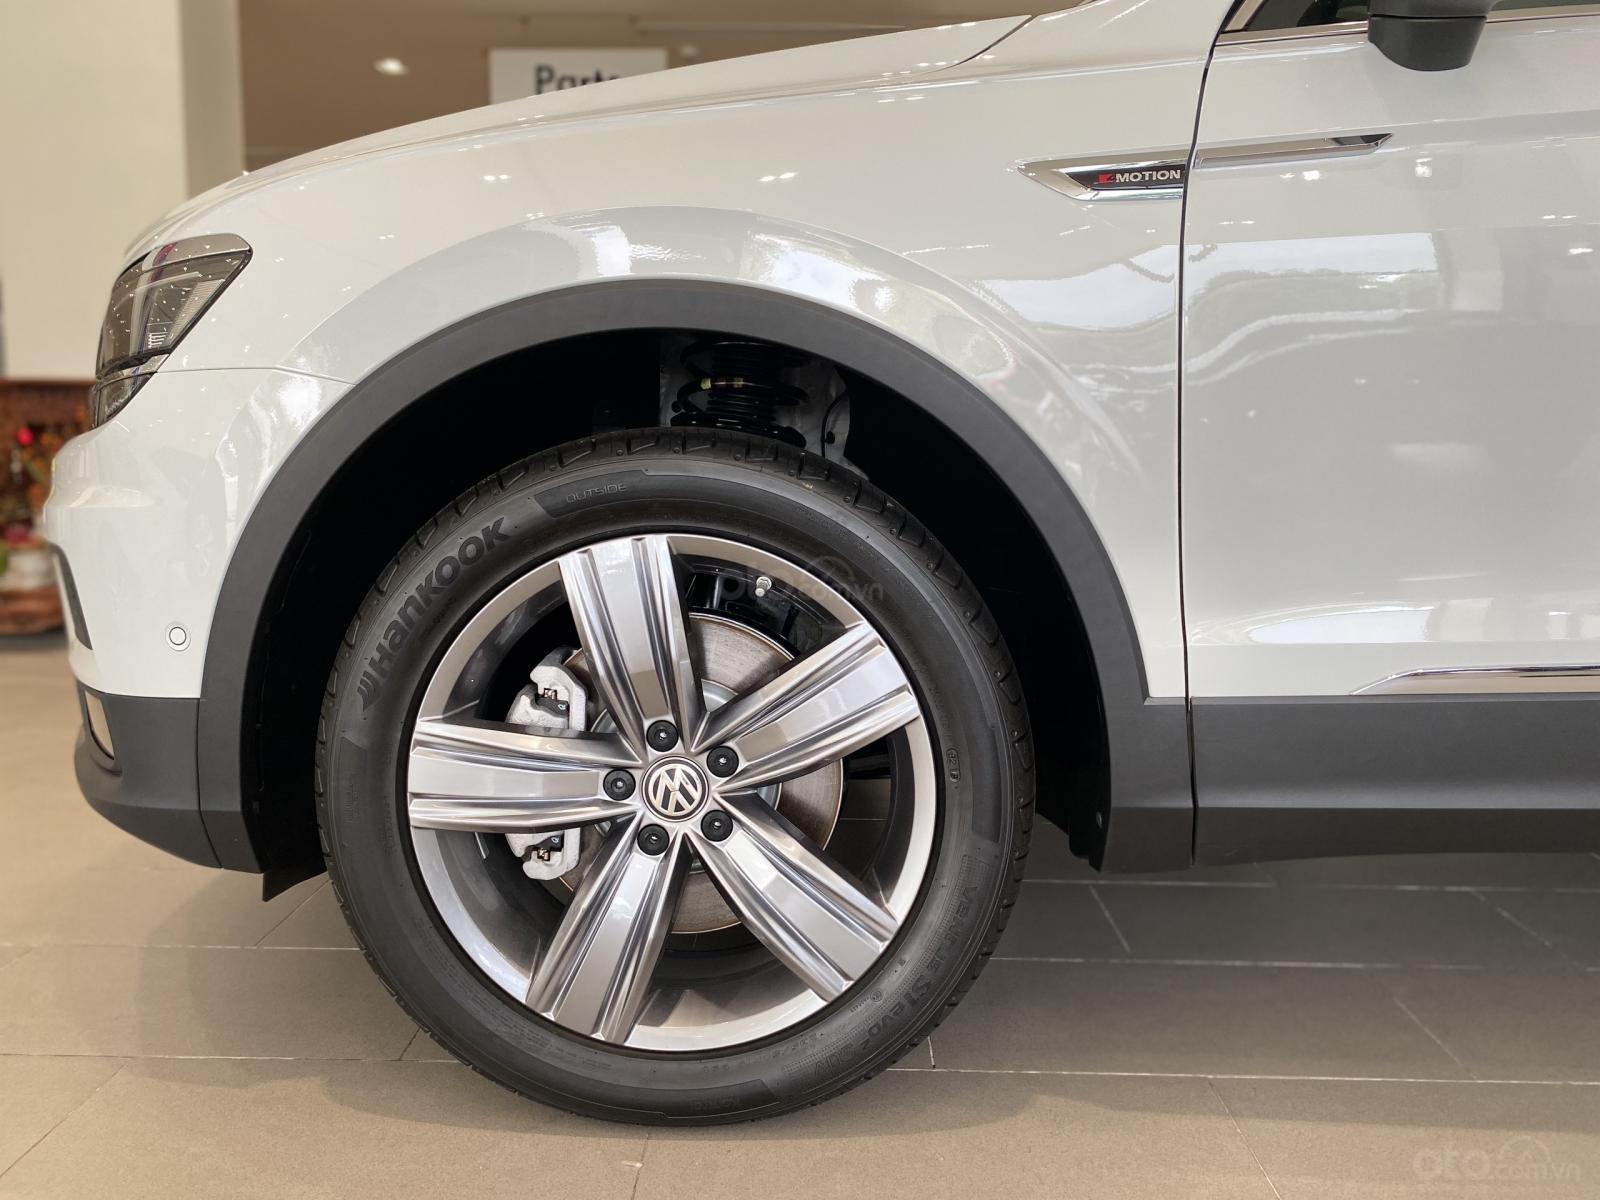 Volkswagen Tiguan Luxury Topline màu trắng, nâng cấp sang trọng - SUV 7 chỗ nhập khẩu - KM tháng ngâu lên đến 170 triệu (11)